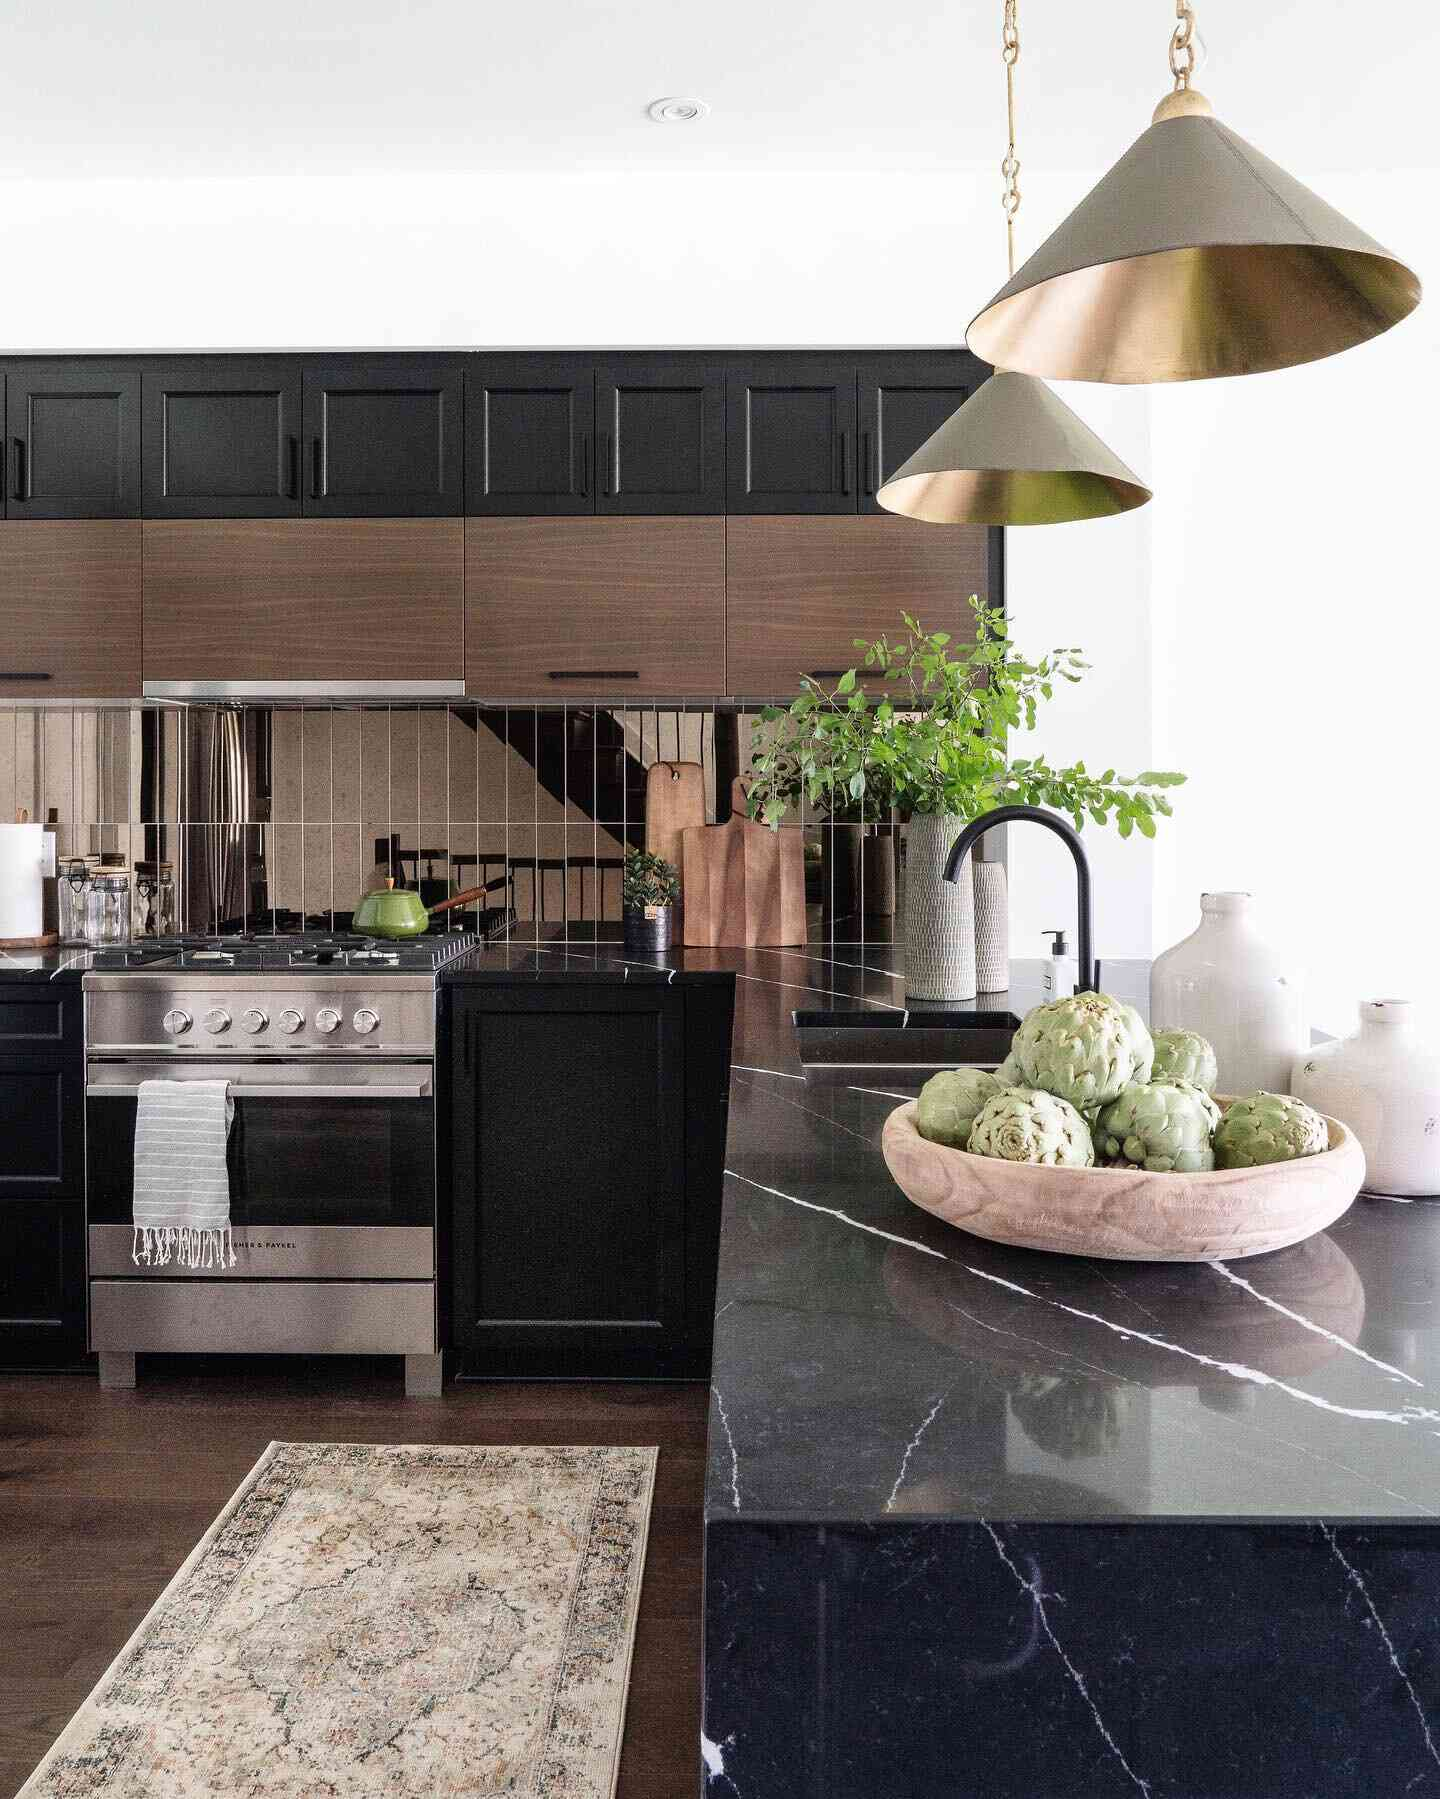 best kitchen ideas - black kitchen with wood accents